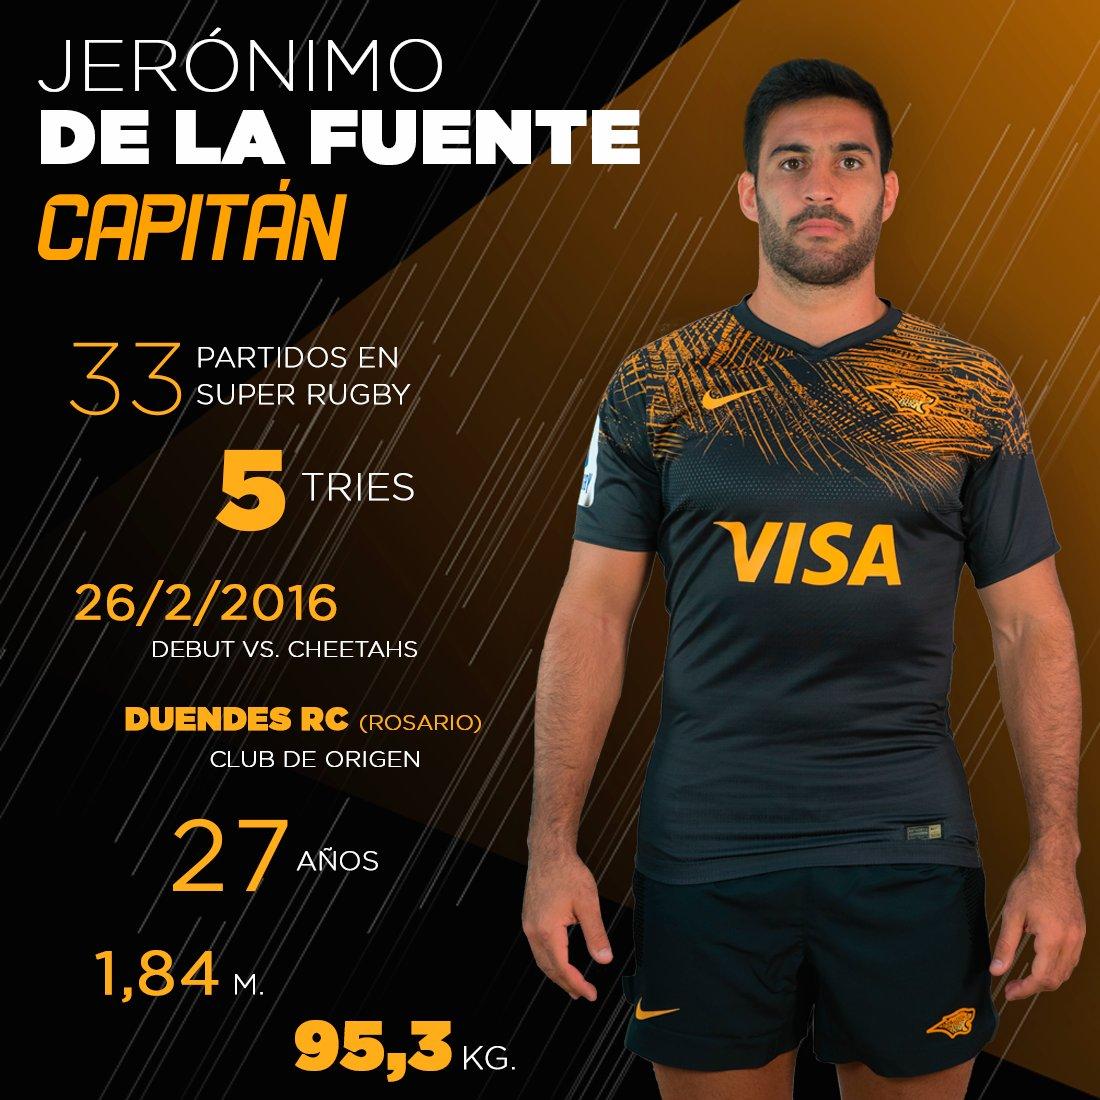 Jerónimo de la Fuente, nuevo capitán de Jaguares